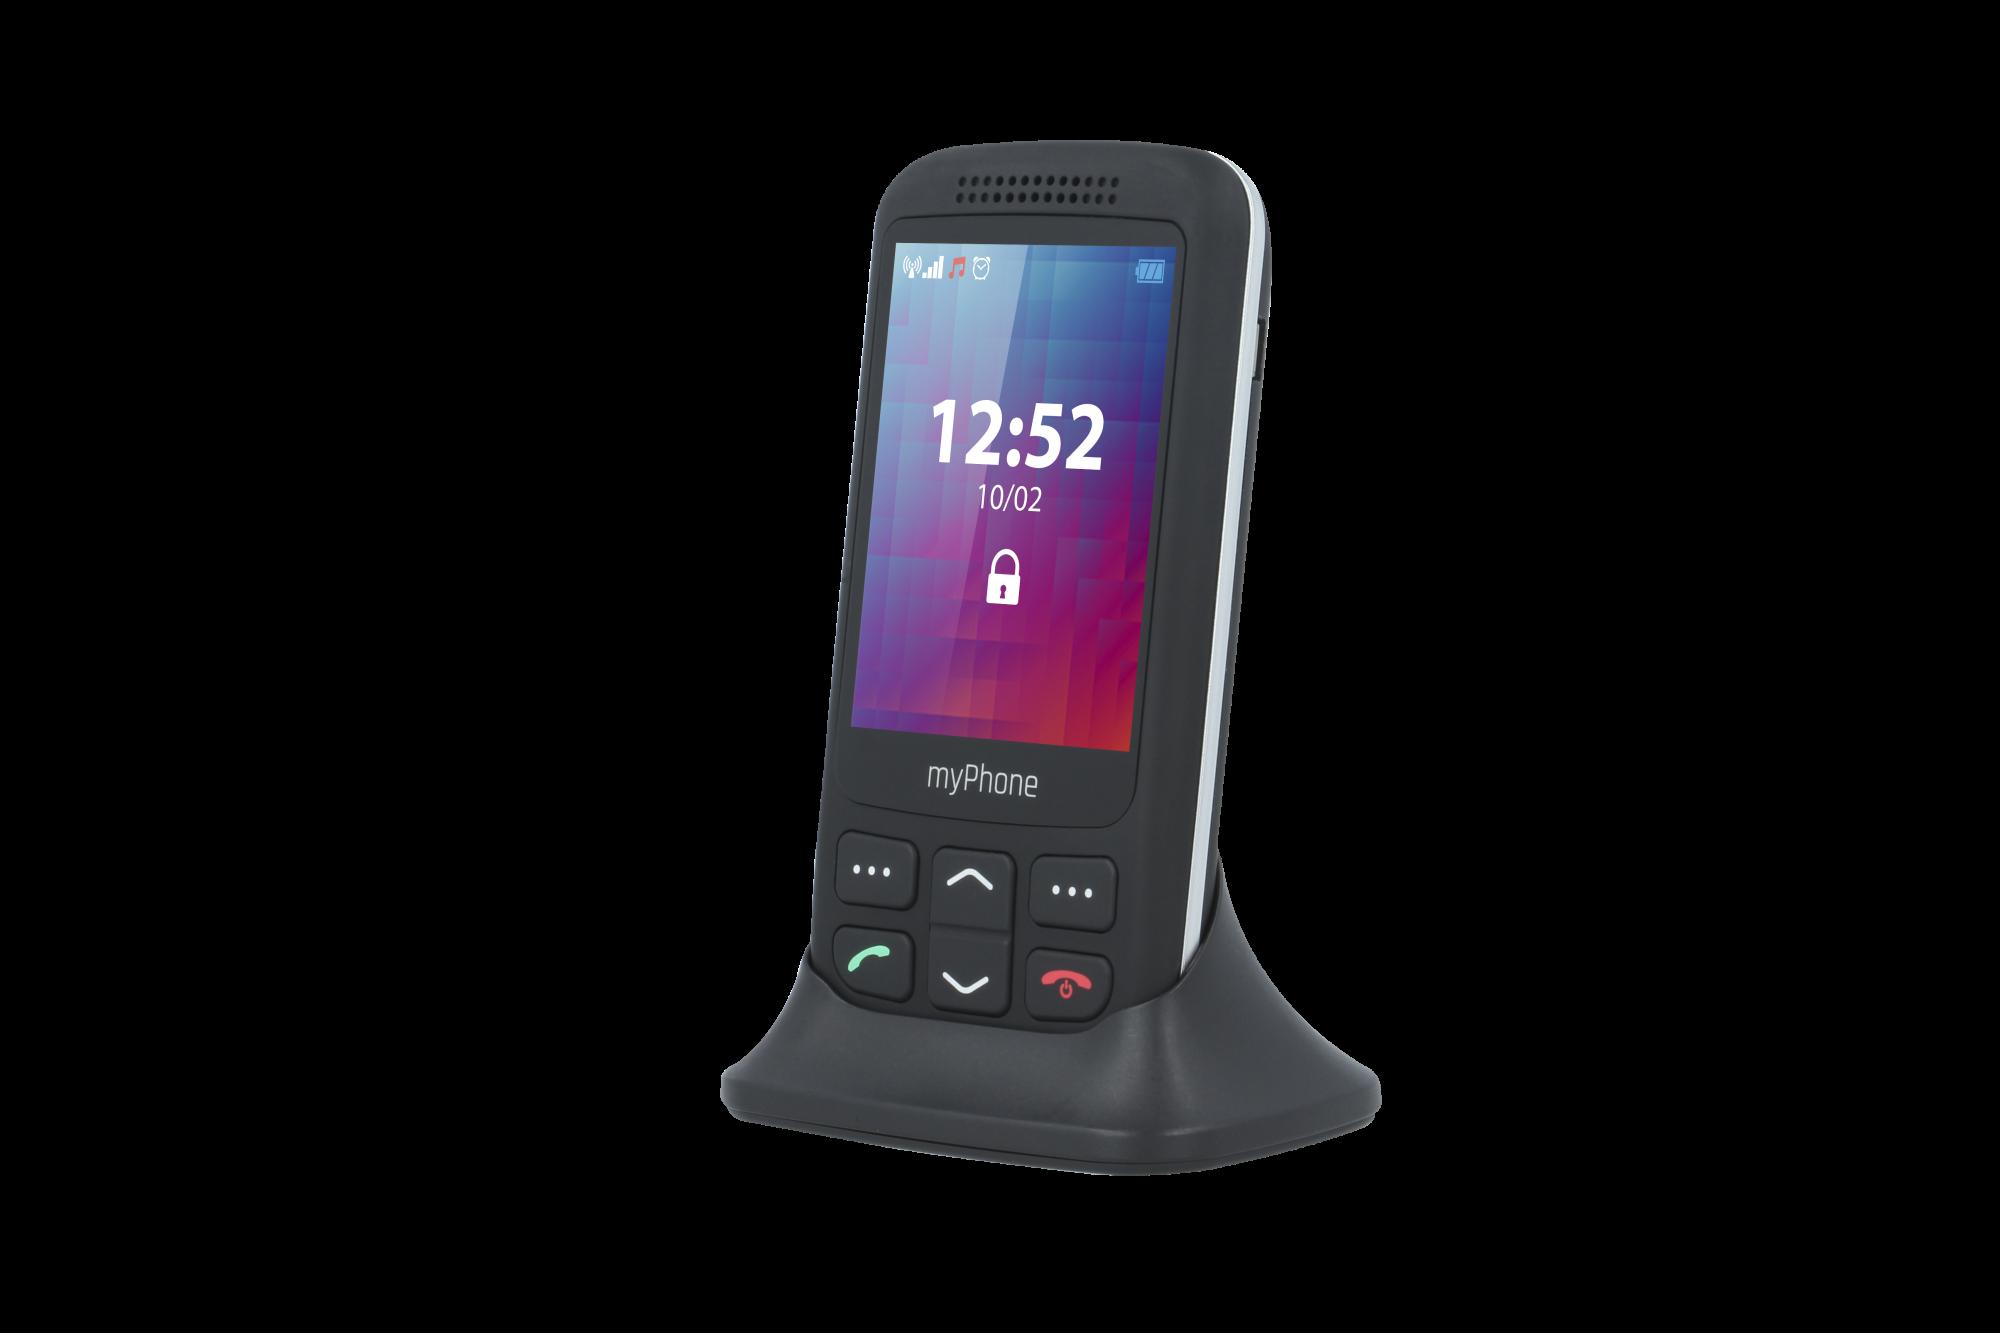 Telefon myPhone Halo S Senior černý s nabíjecím stojánkem